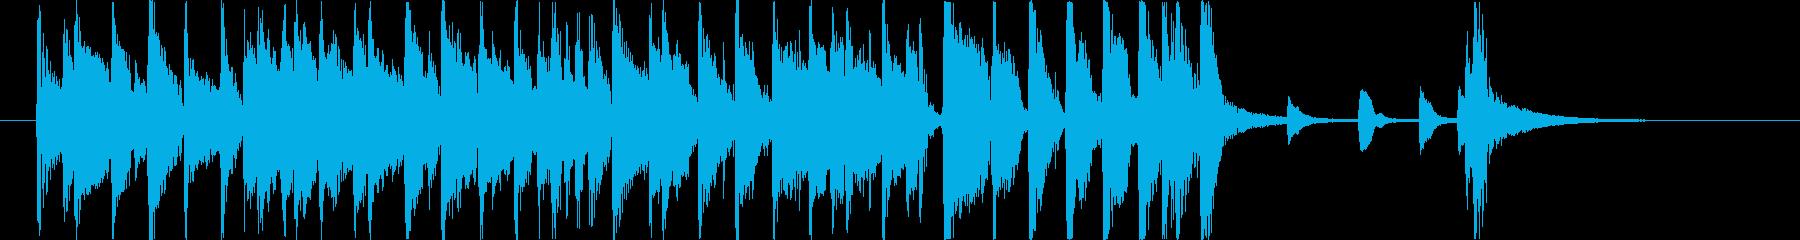 ジャズカルテットのジングルの再生済みの波形